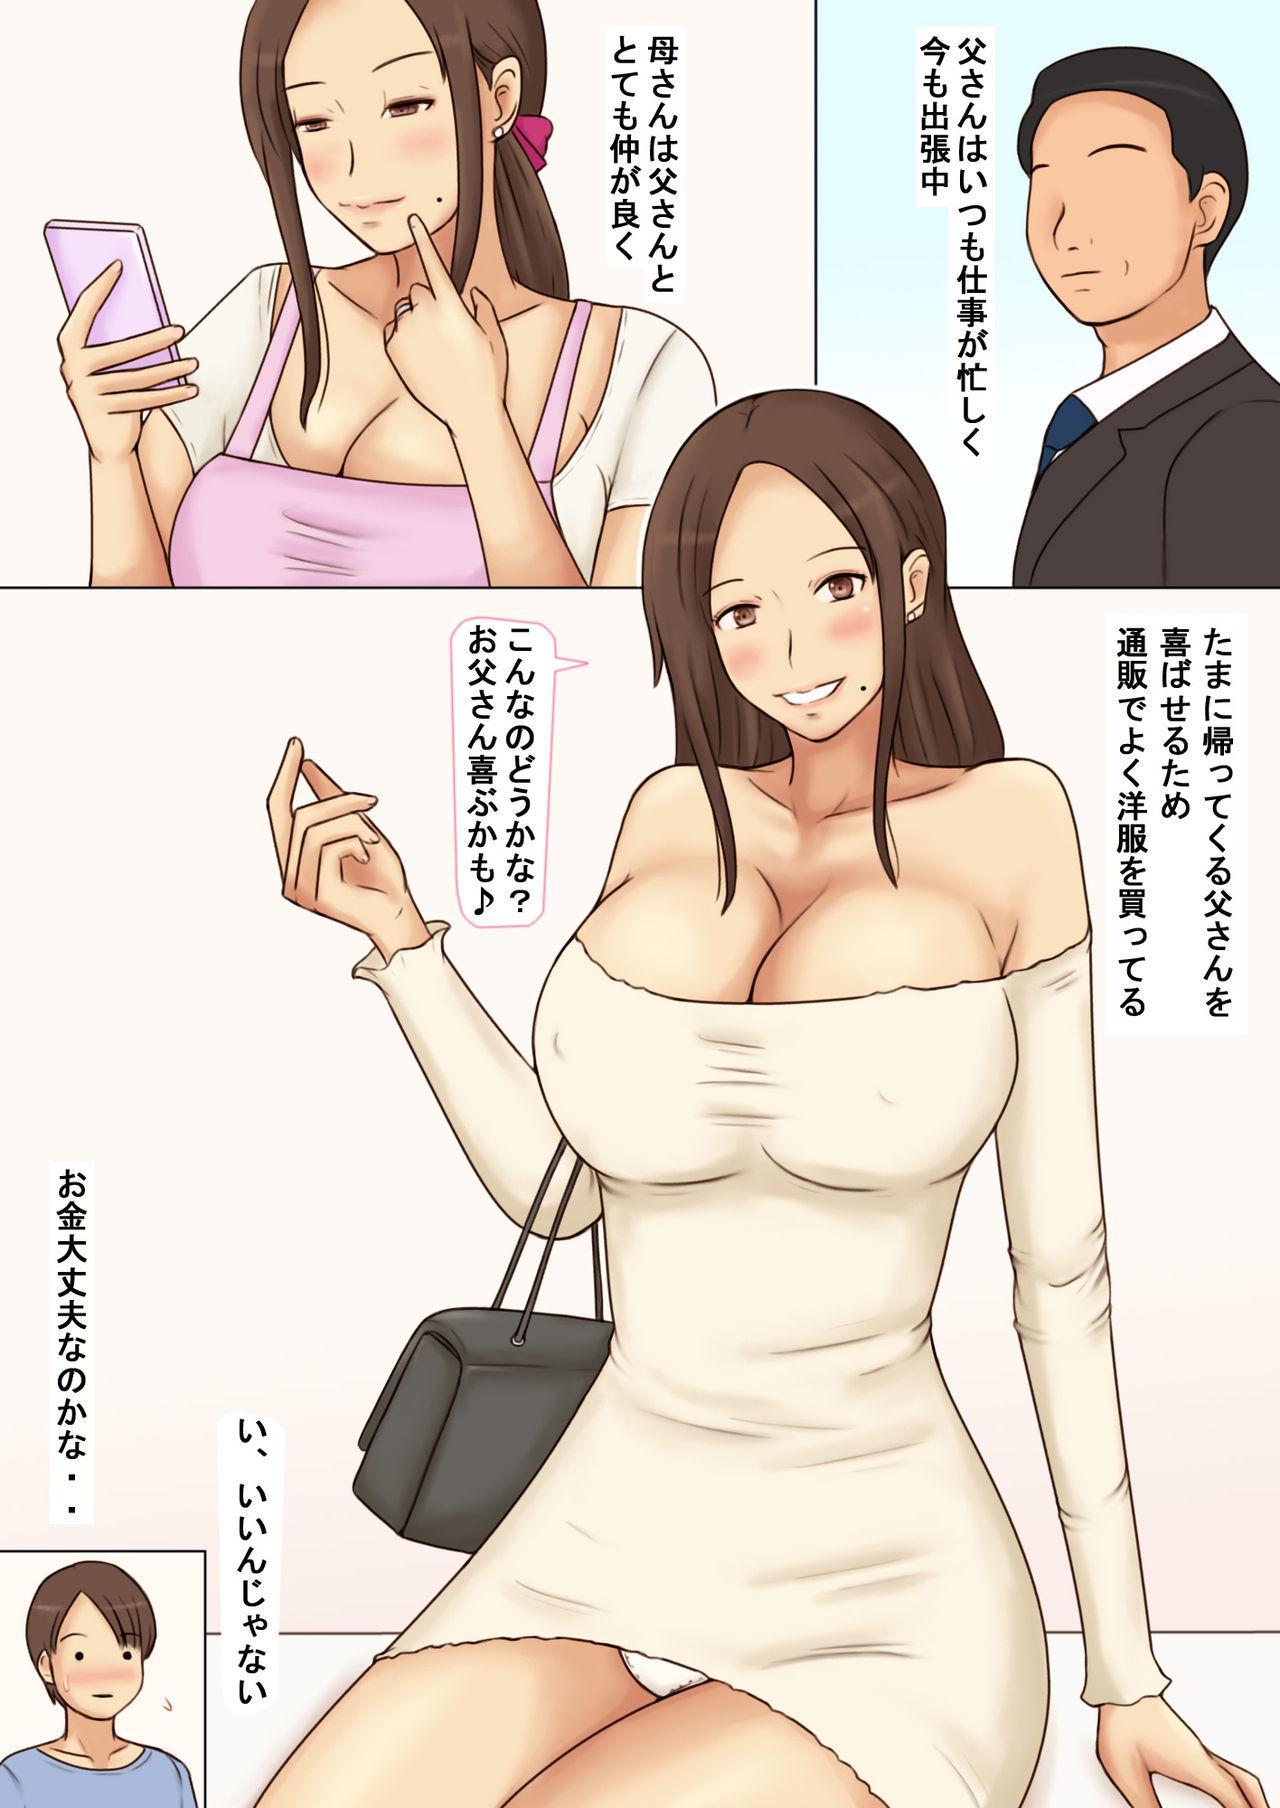 Seiso Tsuma Kyouko no Midasareta Nichijou 3